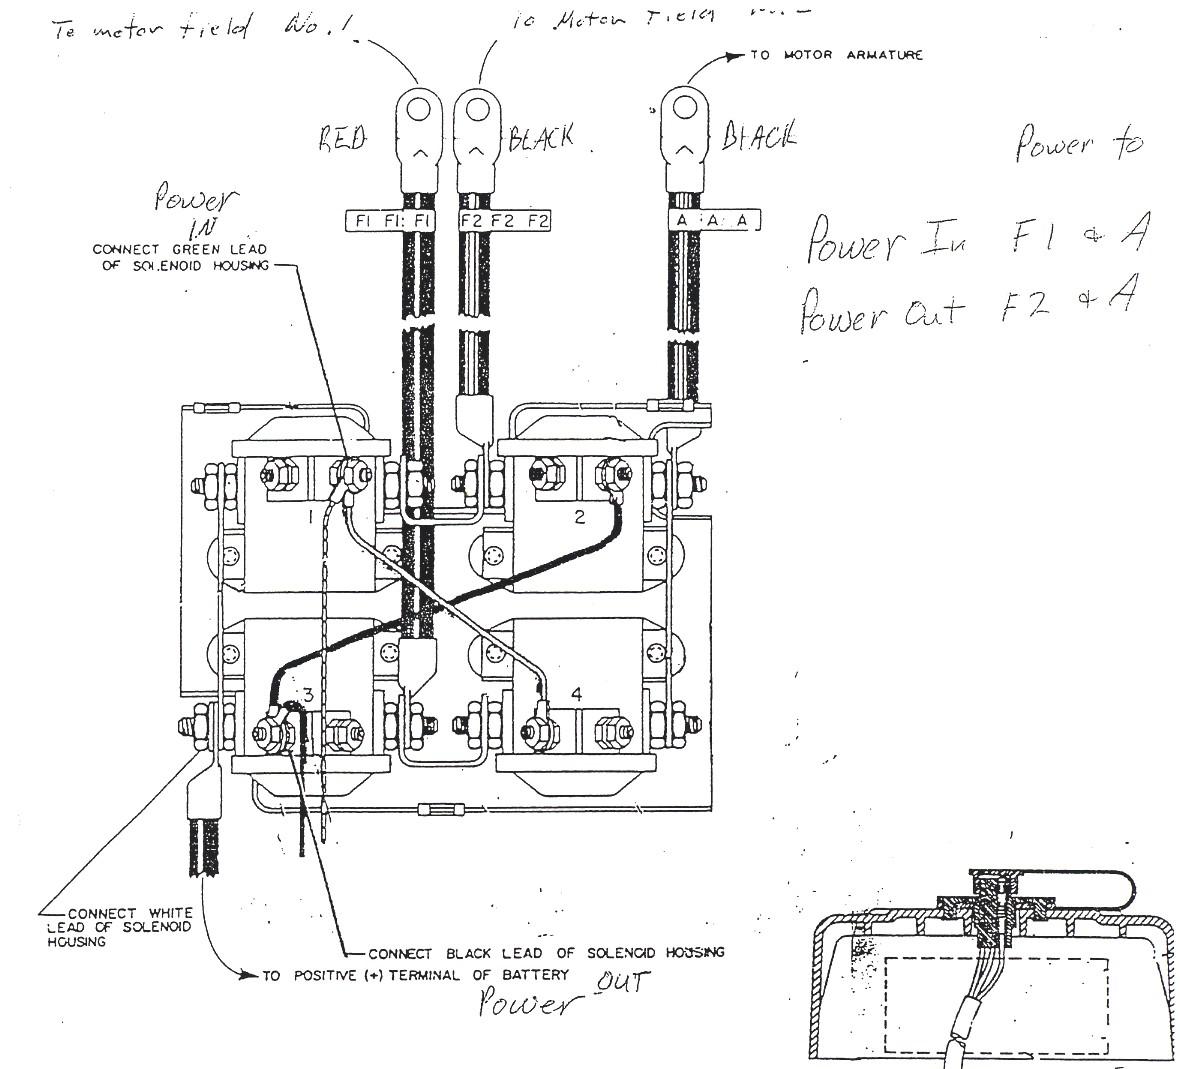 [SCHEMATICS_4US]  RK_8121] Trailer Winch Wiring Diagram Moreover On Champion 3000 Lb Winch  Wiring Wiring Diagram | Champion Winch Switch Wiring Diagram |  | None Aidew Illuminateatx Librar Wiring 101